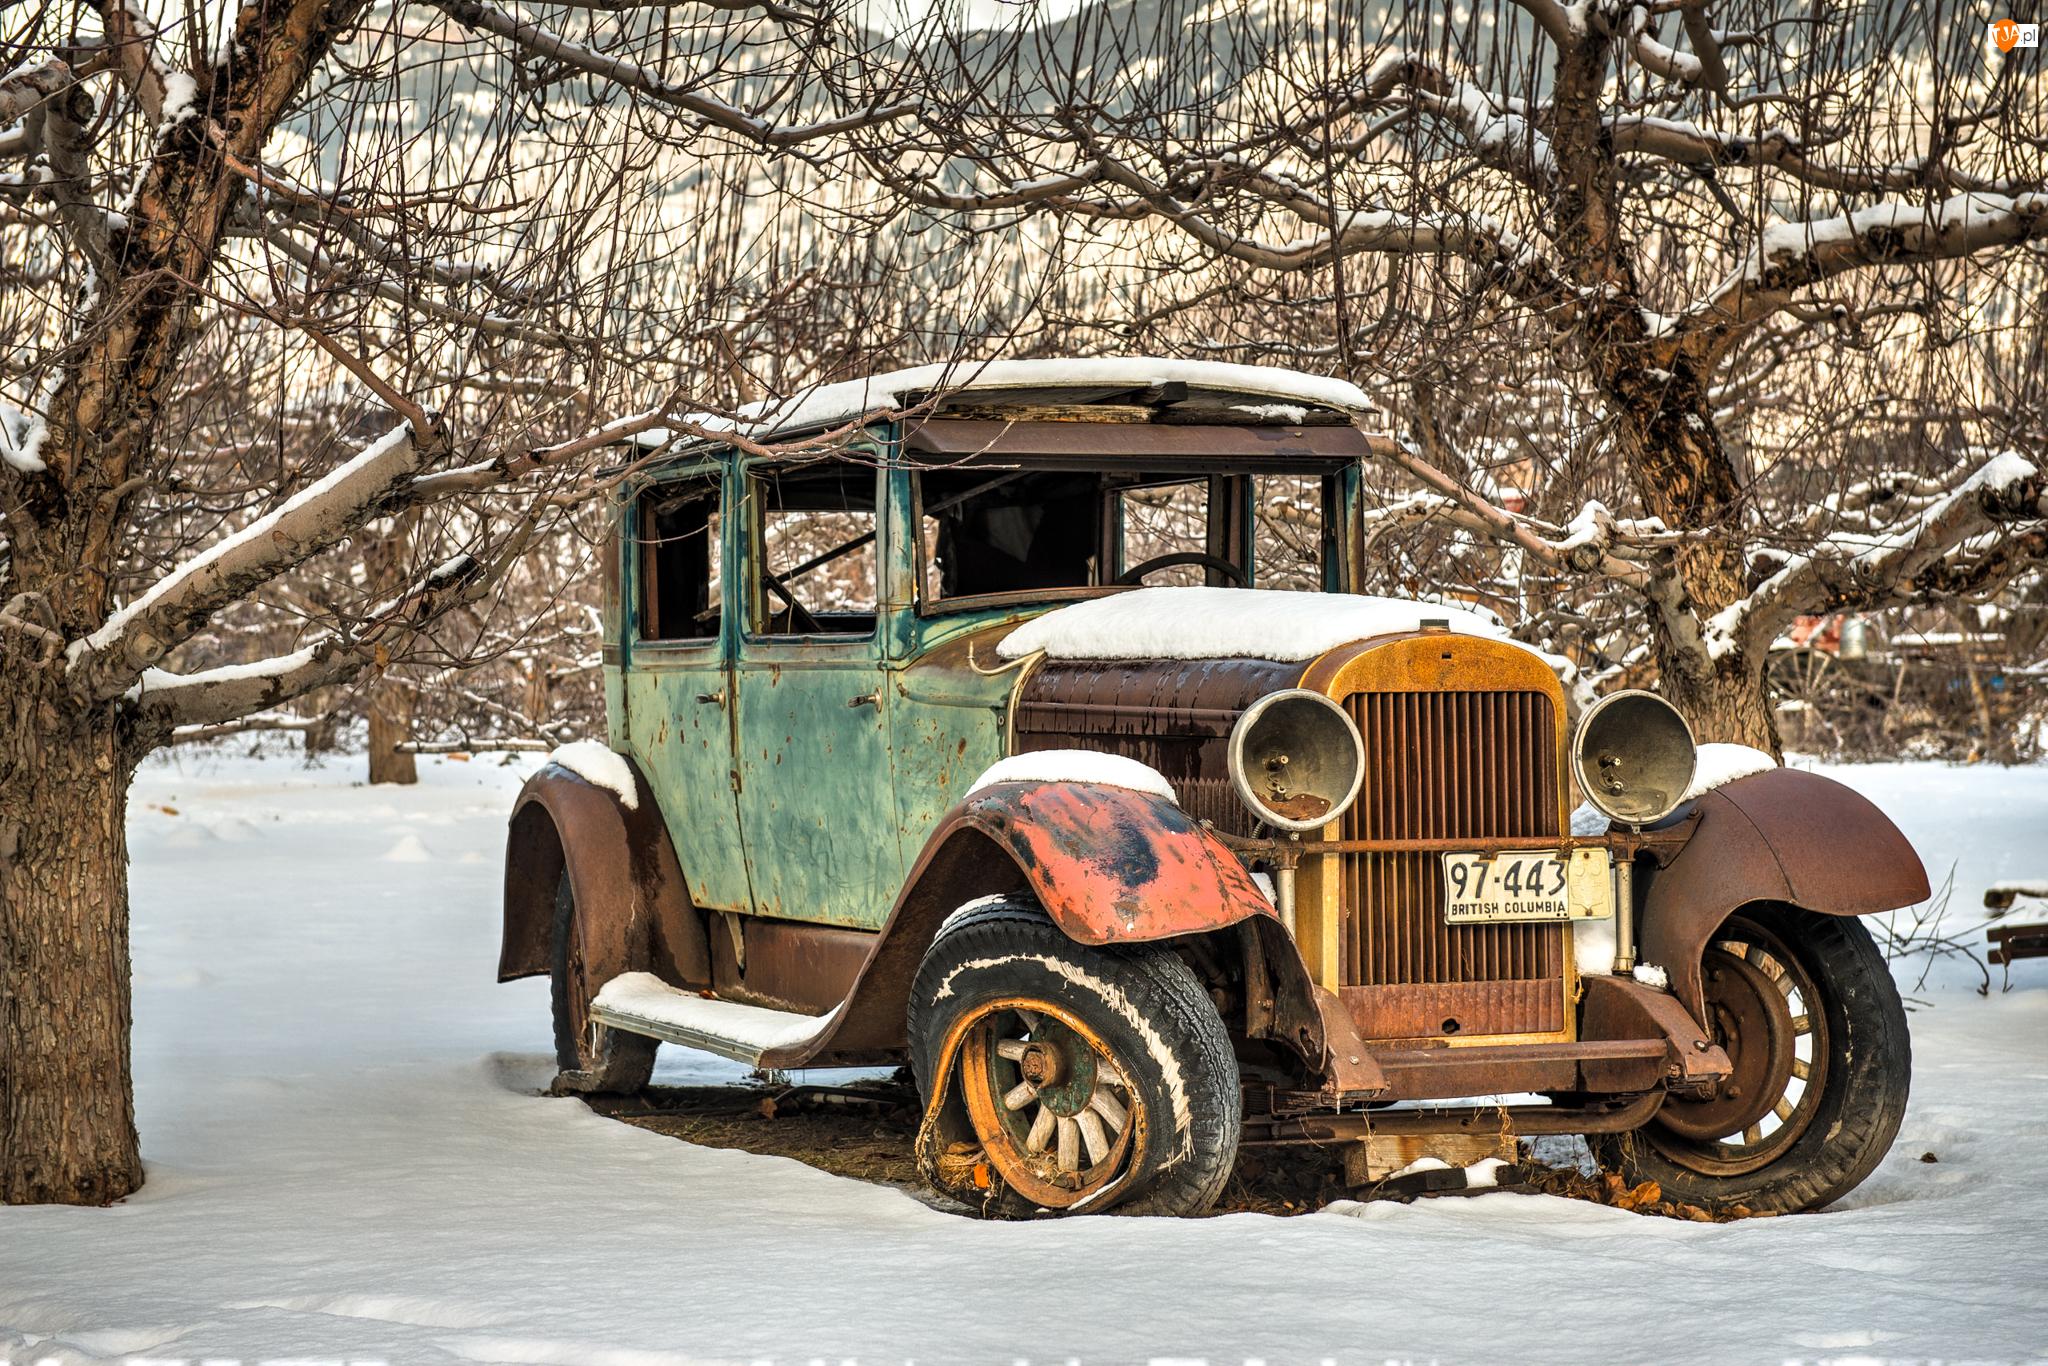 Samochód, Drzewa, Wrak, Śnieg, Stary, Zima